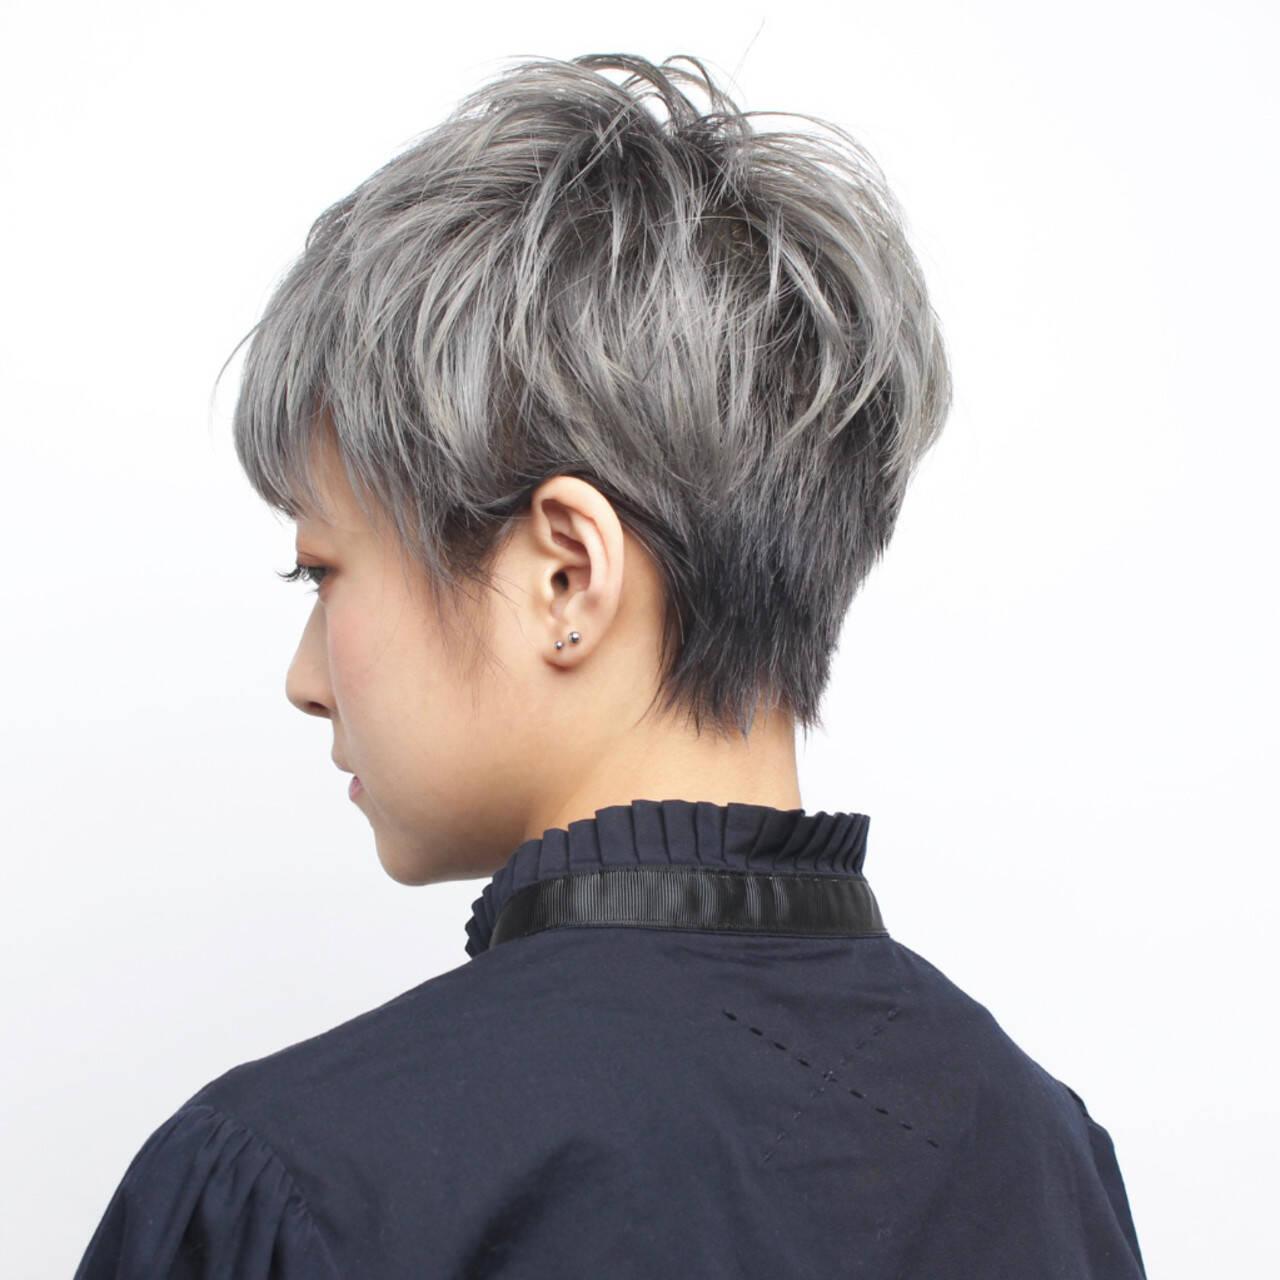 ハンサムショート モード ショートボブ ベリーショートヘアスタイルや髪型の写真・画像